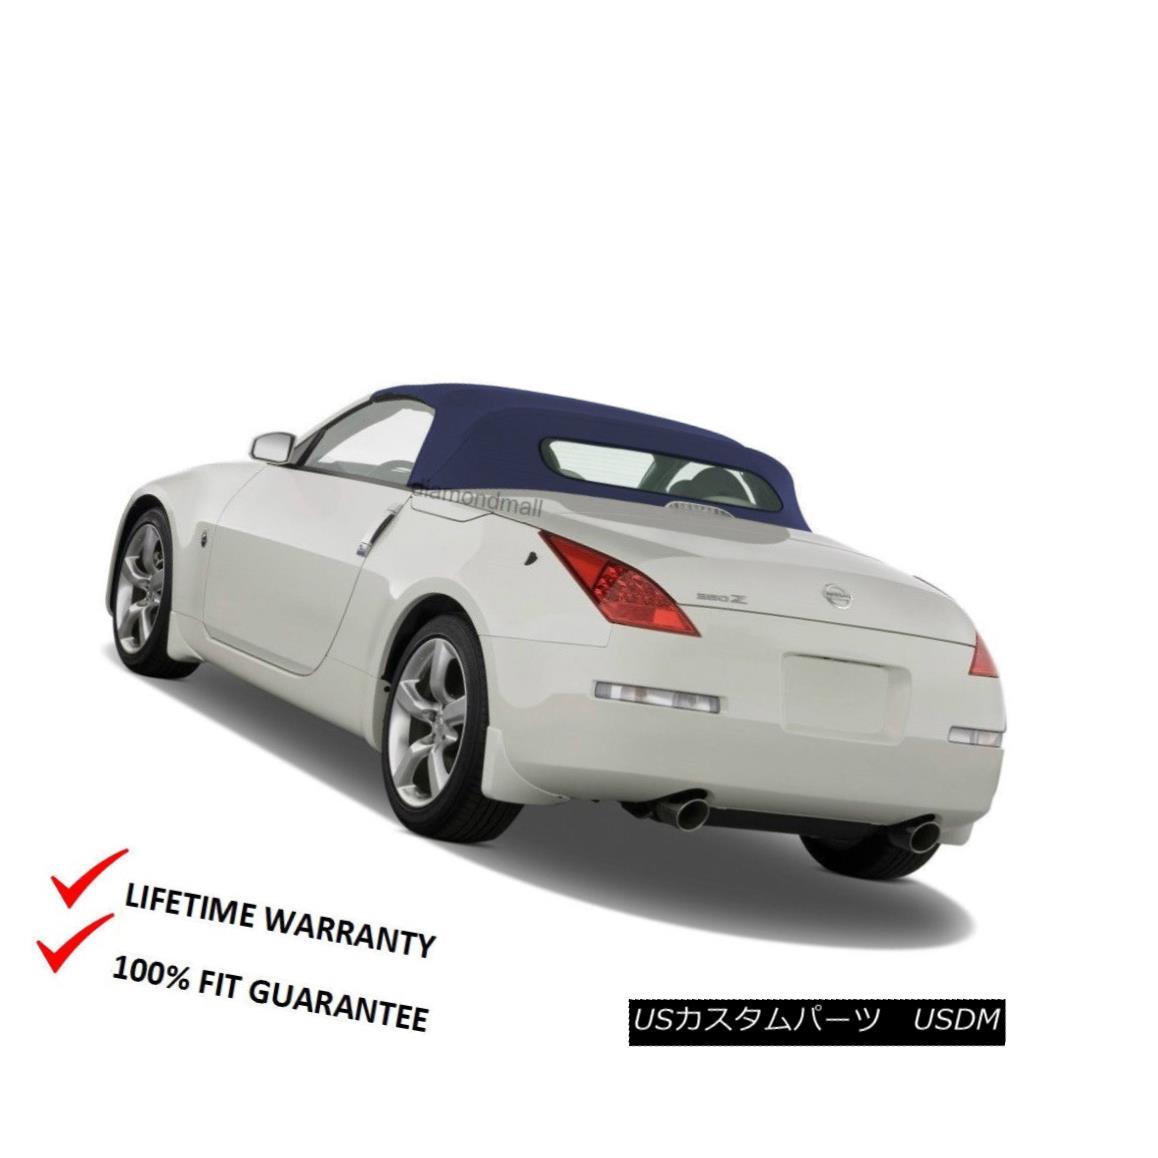 幌・ソフトトップ Fits: Nissan 350Z Convertible Soft Top With Heated Glass Window Blue Twill フィット:日産350Zコンバーチブルソフトトップ、ガラス窓付きブルーツイル